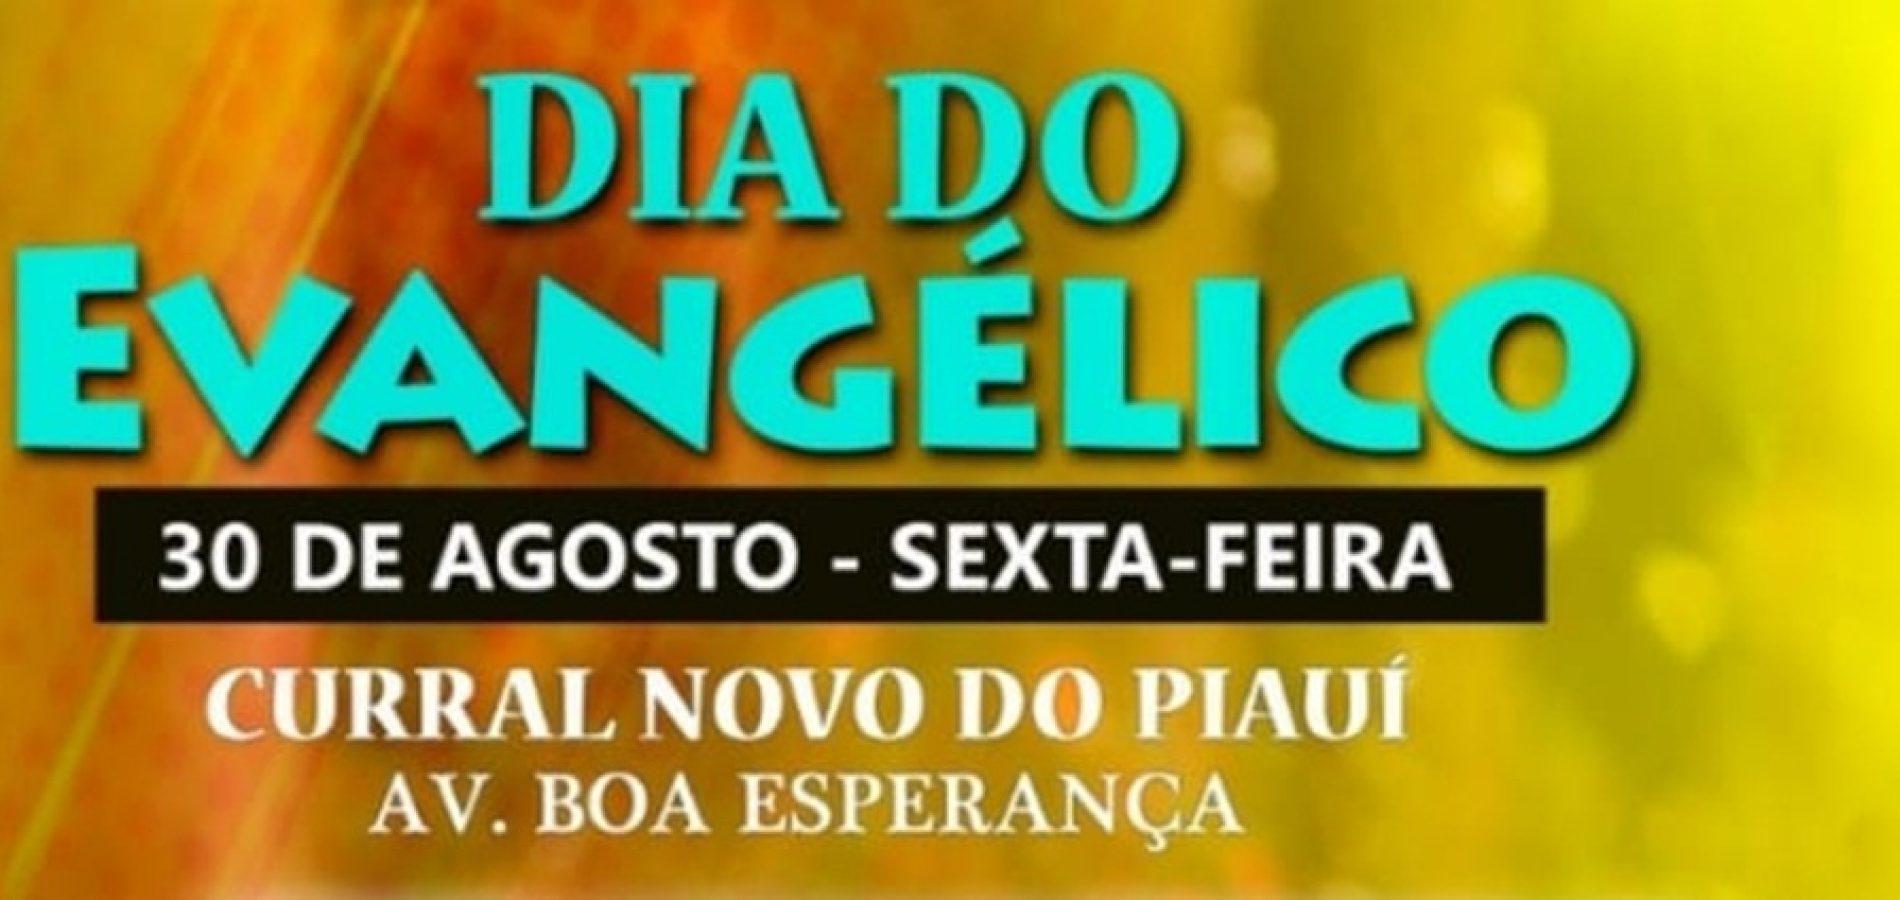 CURRAL NOVO | Dia do Evangélico será celebrado em 30 de agosto, com marcha e culto